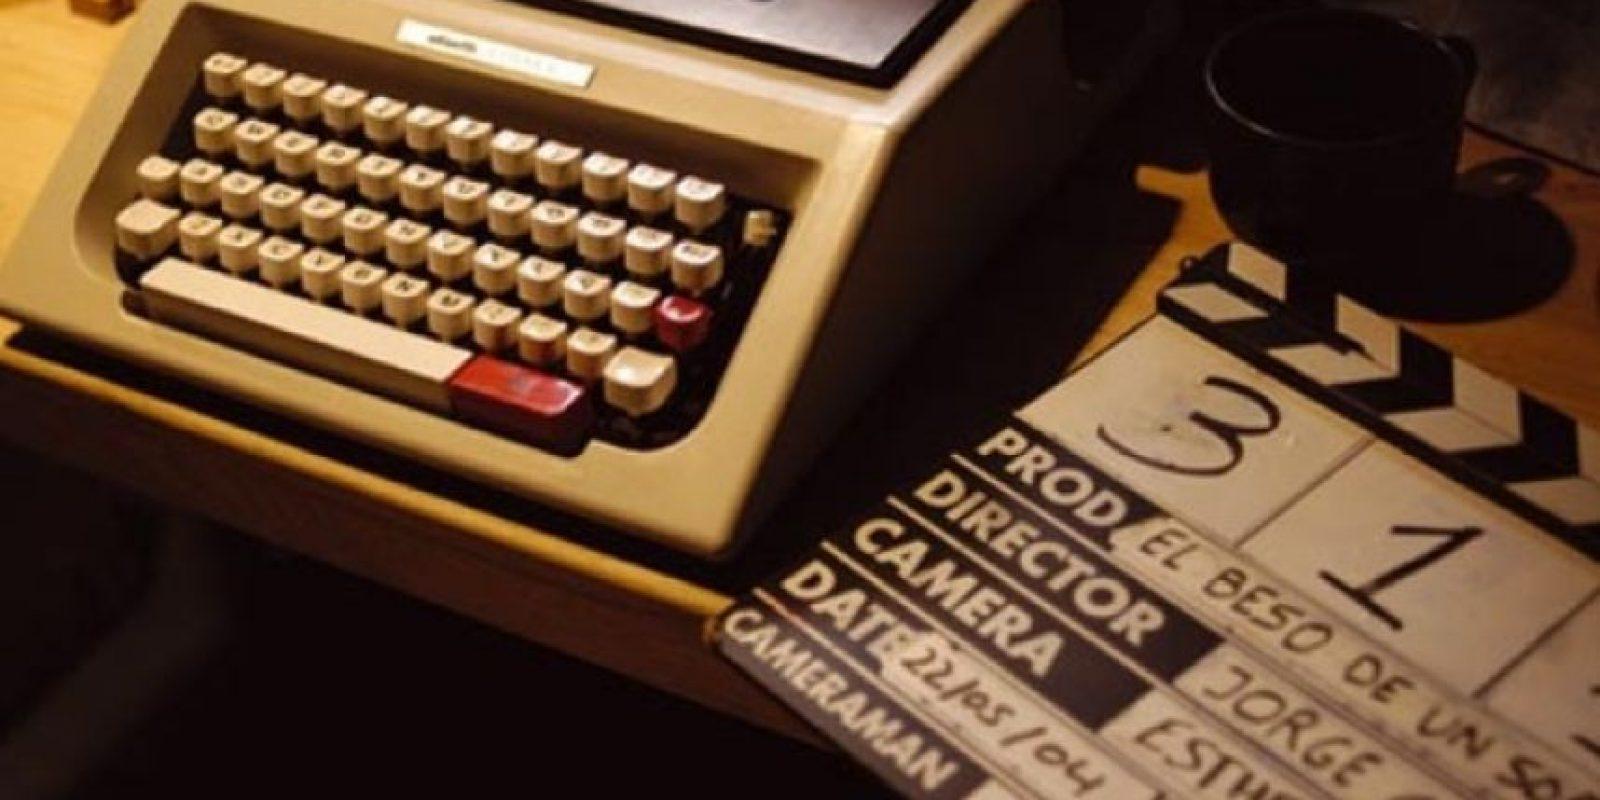 Un guionista gana de 250 a 400 dólares por guión. Foto:Tumblr. Imagen Por: